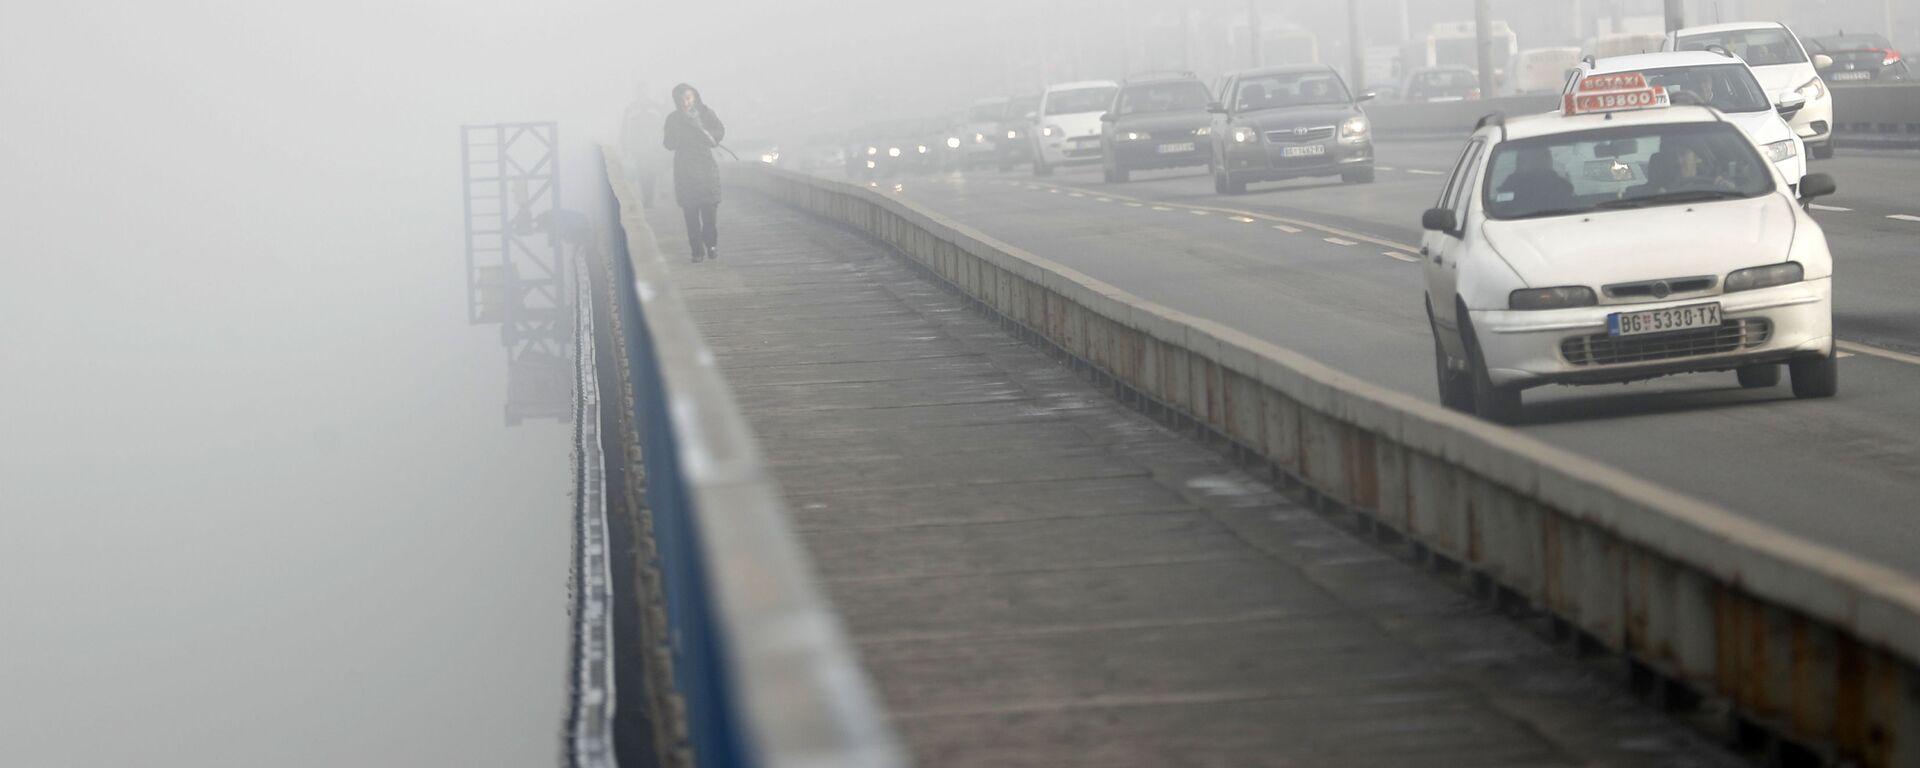 Девојка прелази мост по магли у Београду - Sputnik Србија, 1920, 11.09.2021